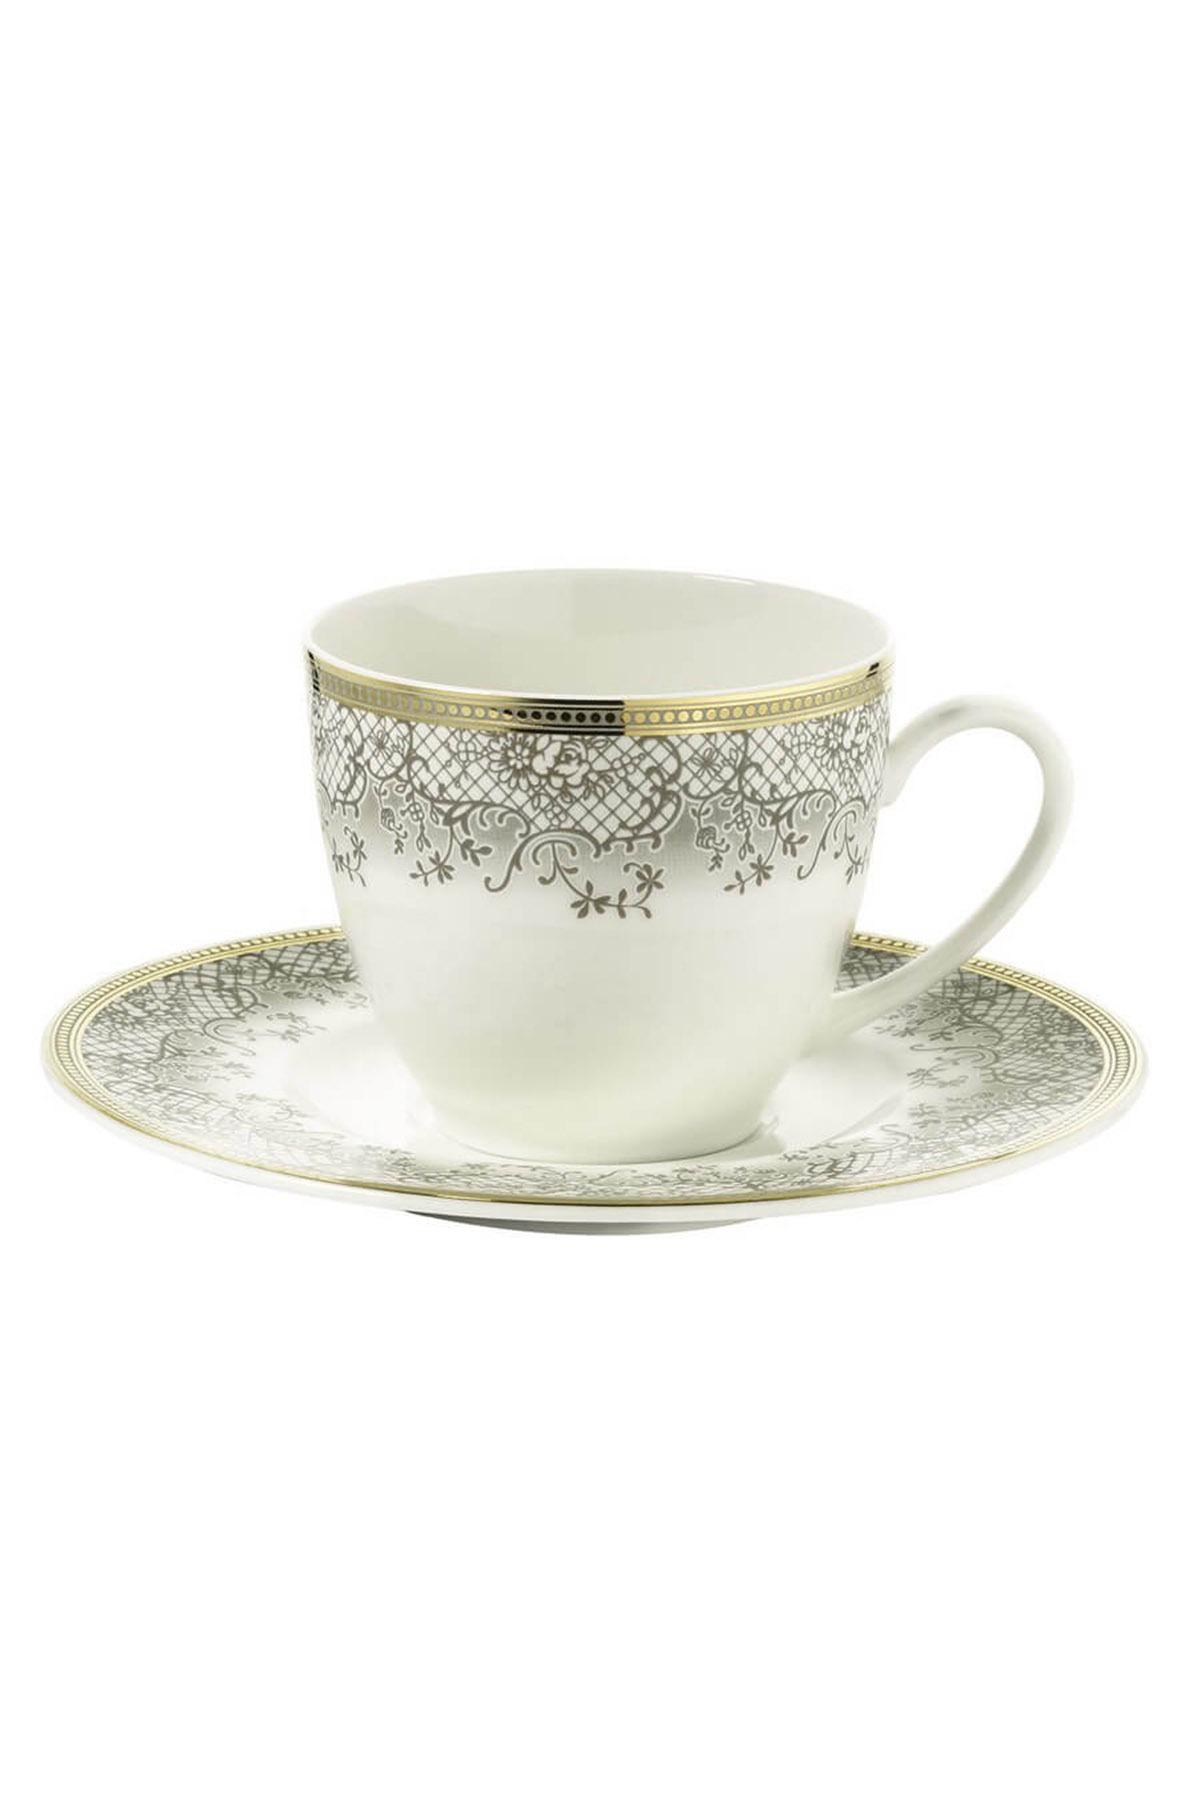 Kütahya Porselen Bone Kalipso 930621 Desen Çay Fincan Takımı